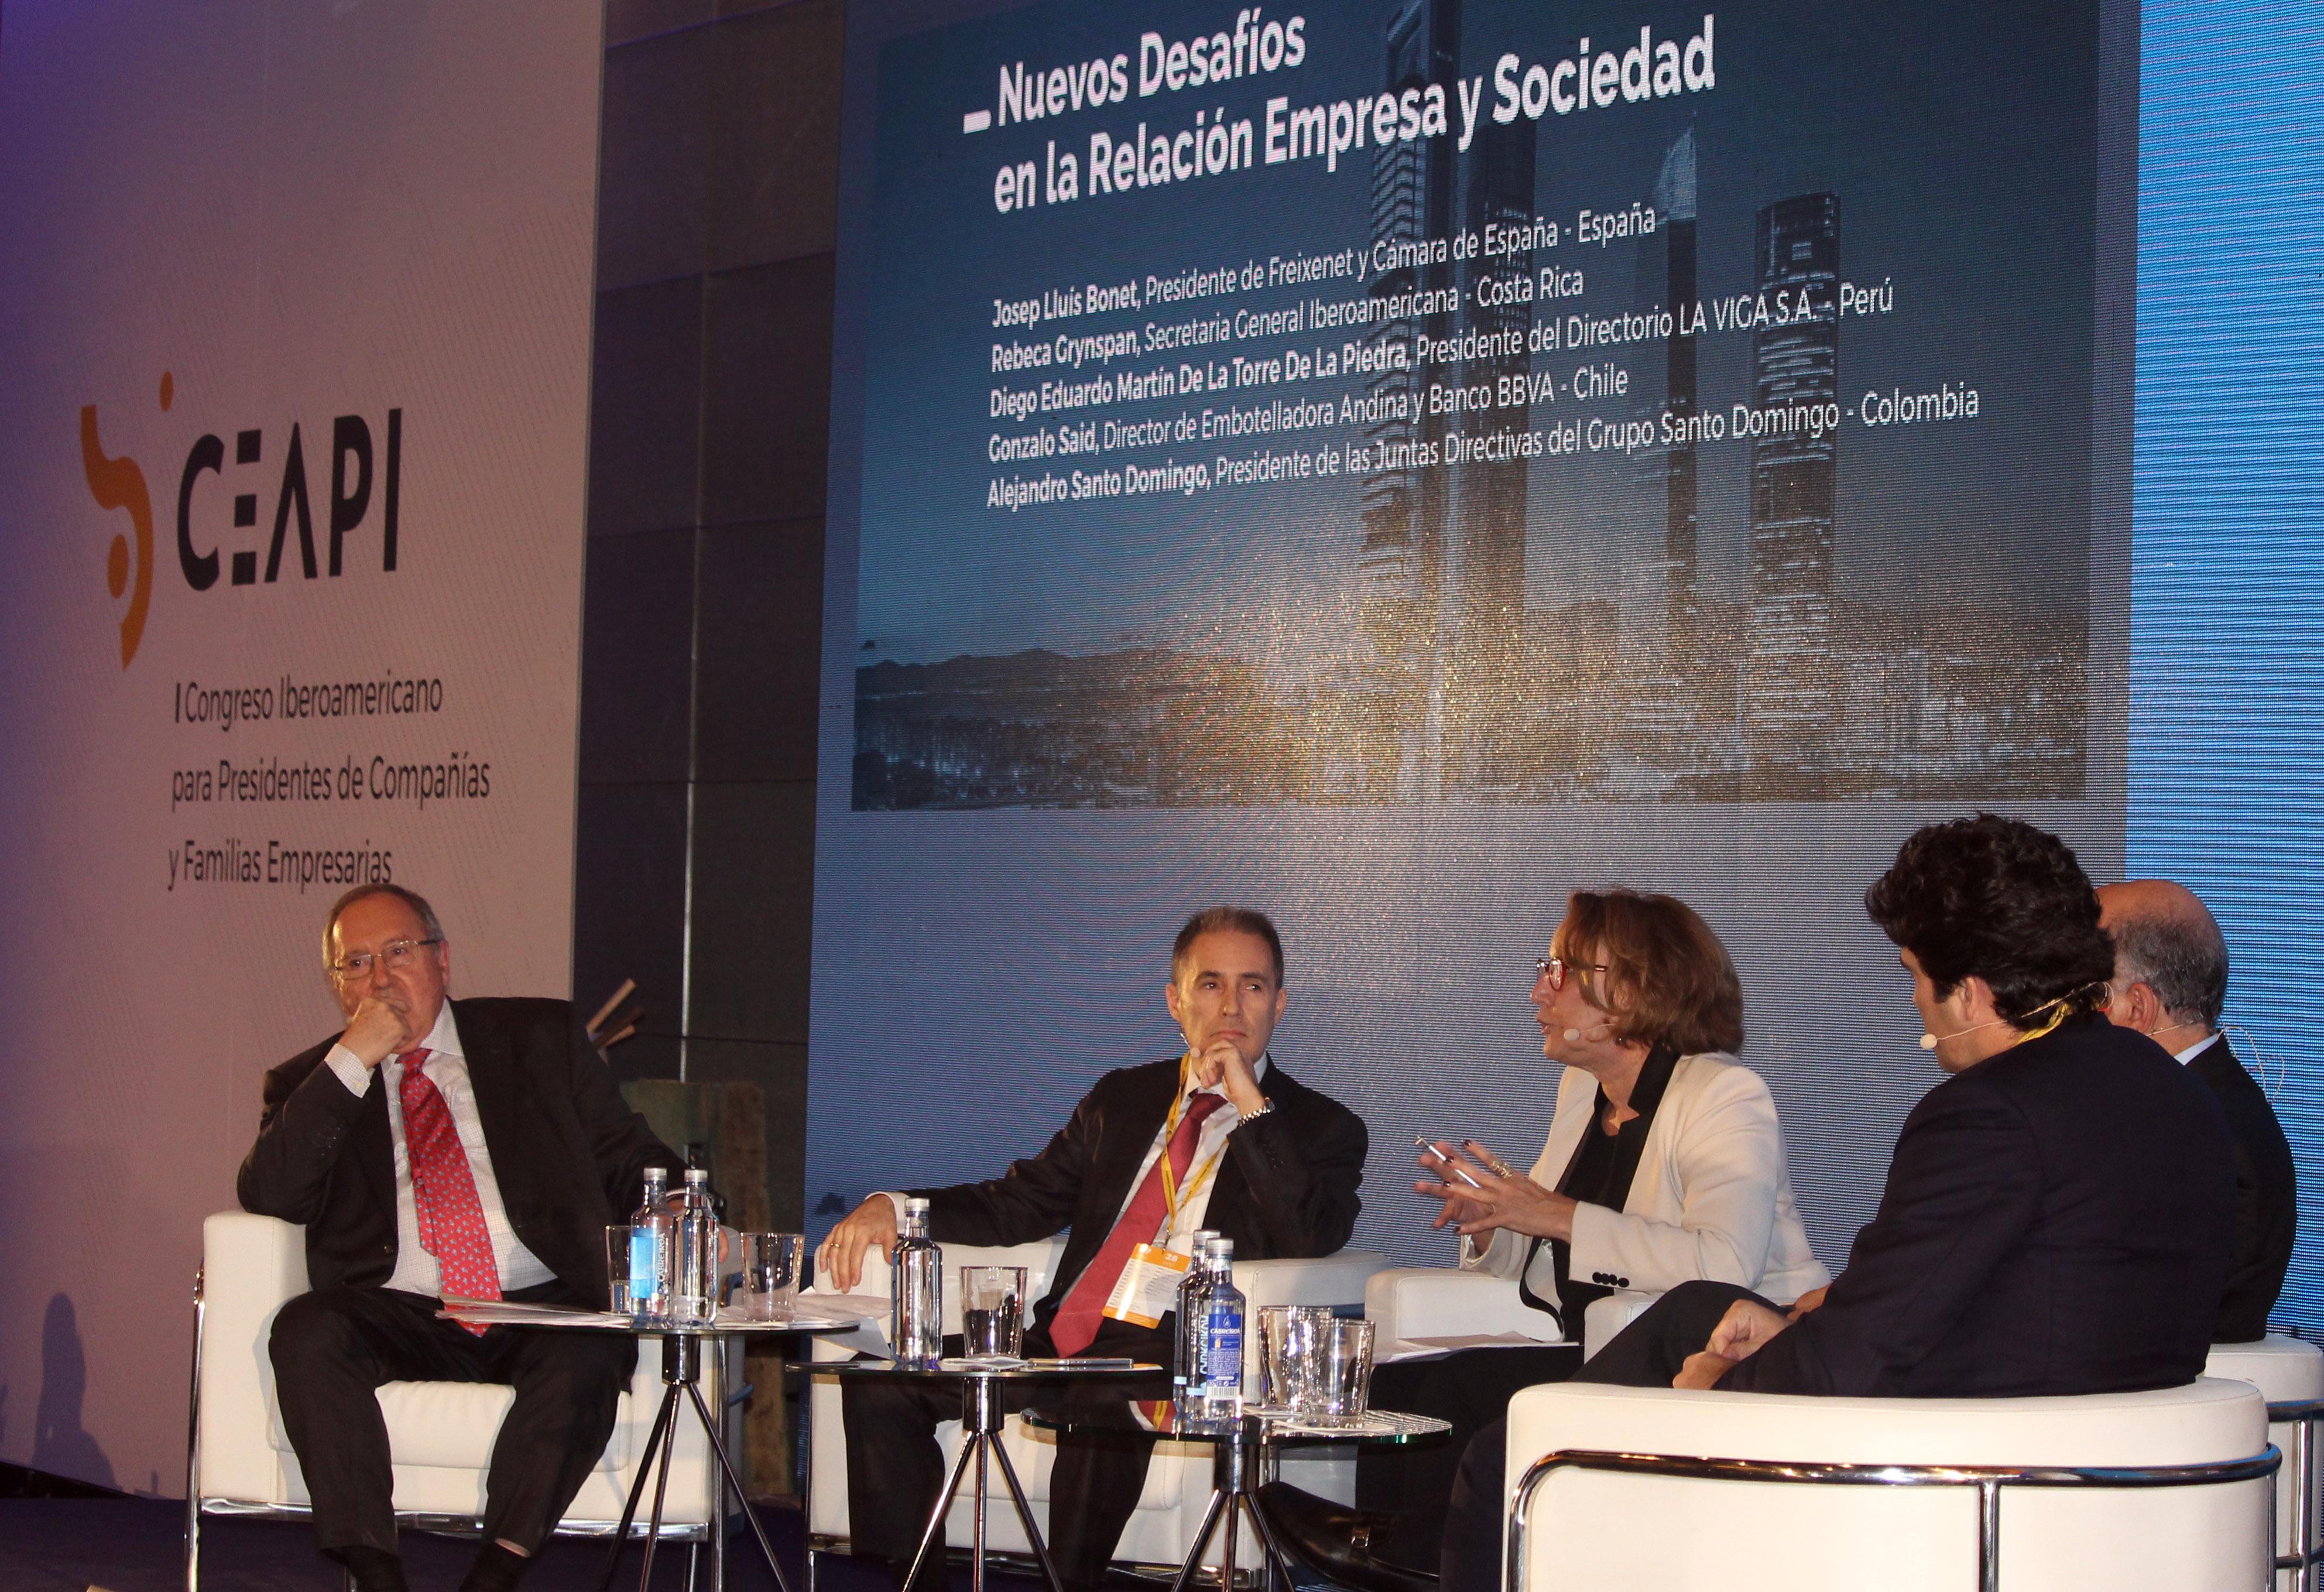 Diego Eduardo Martín de la Torre junto a otros participantes en el Congreso organizado por el Ceapi.